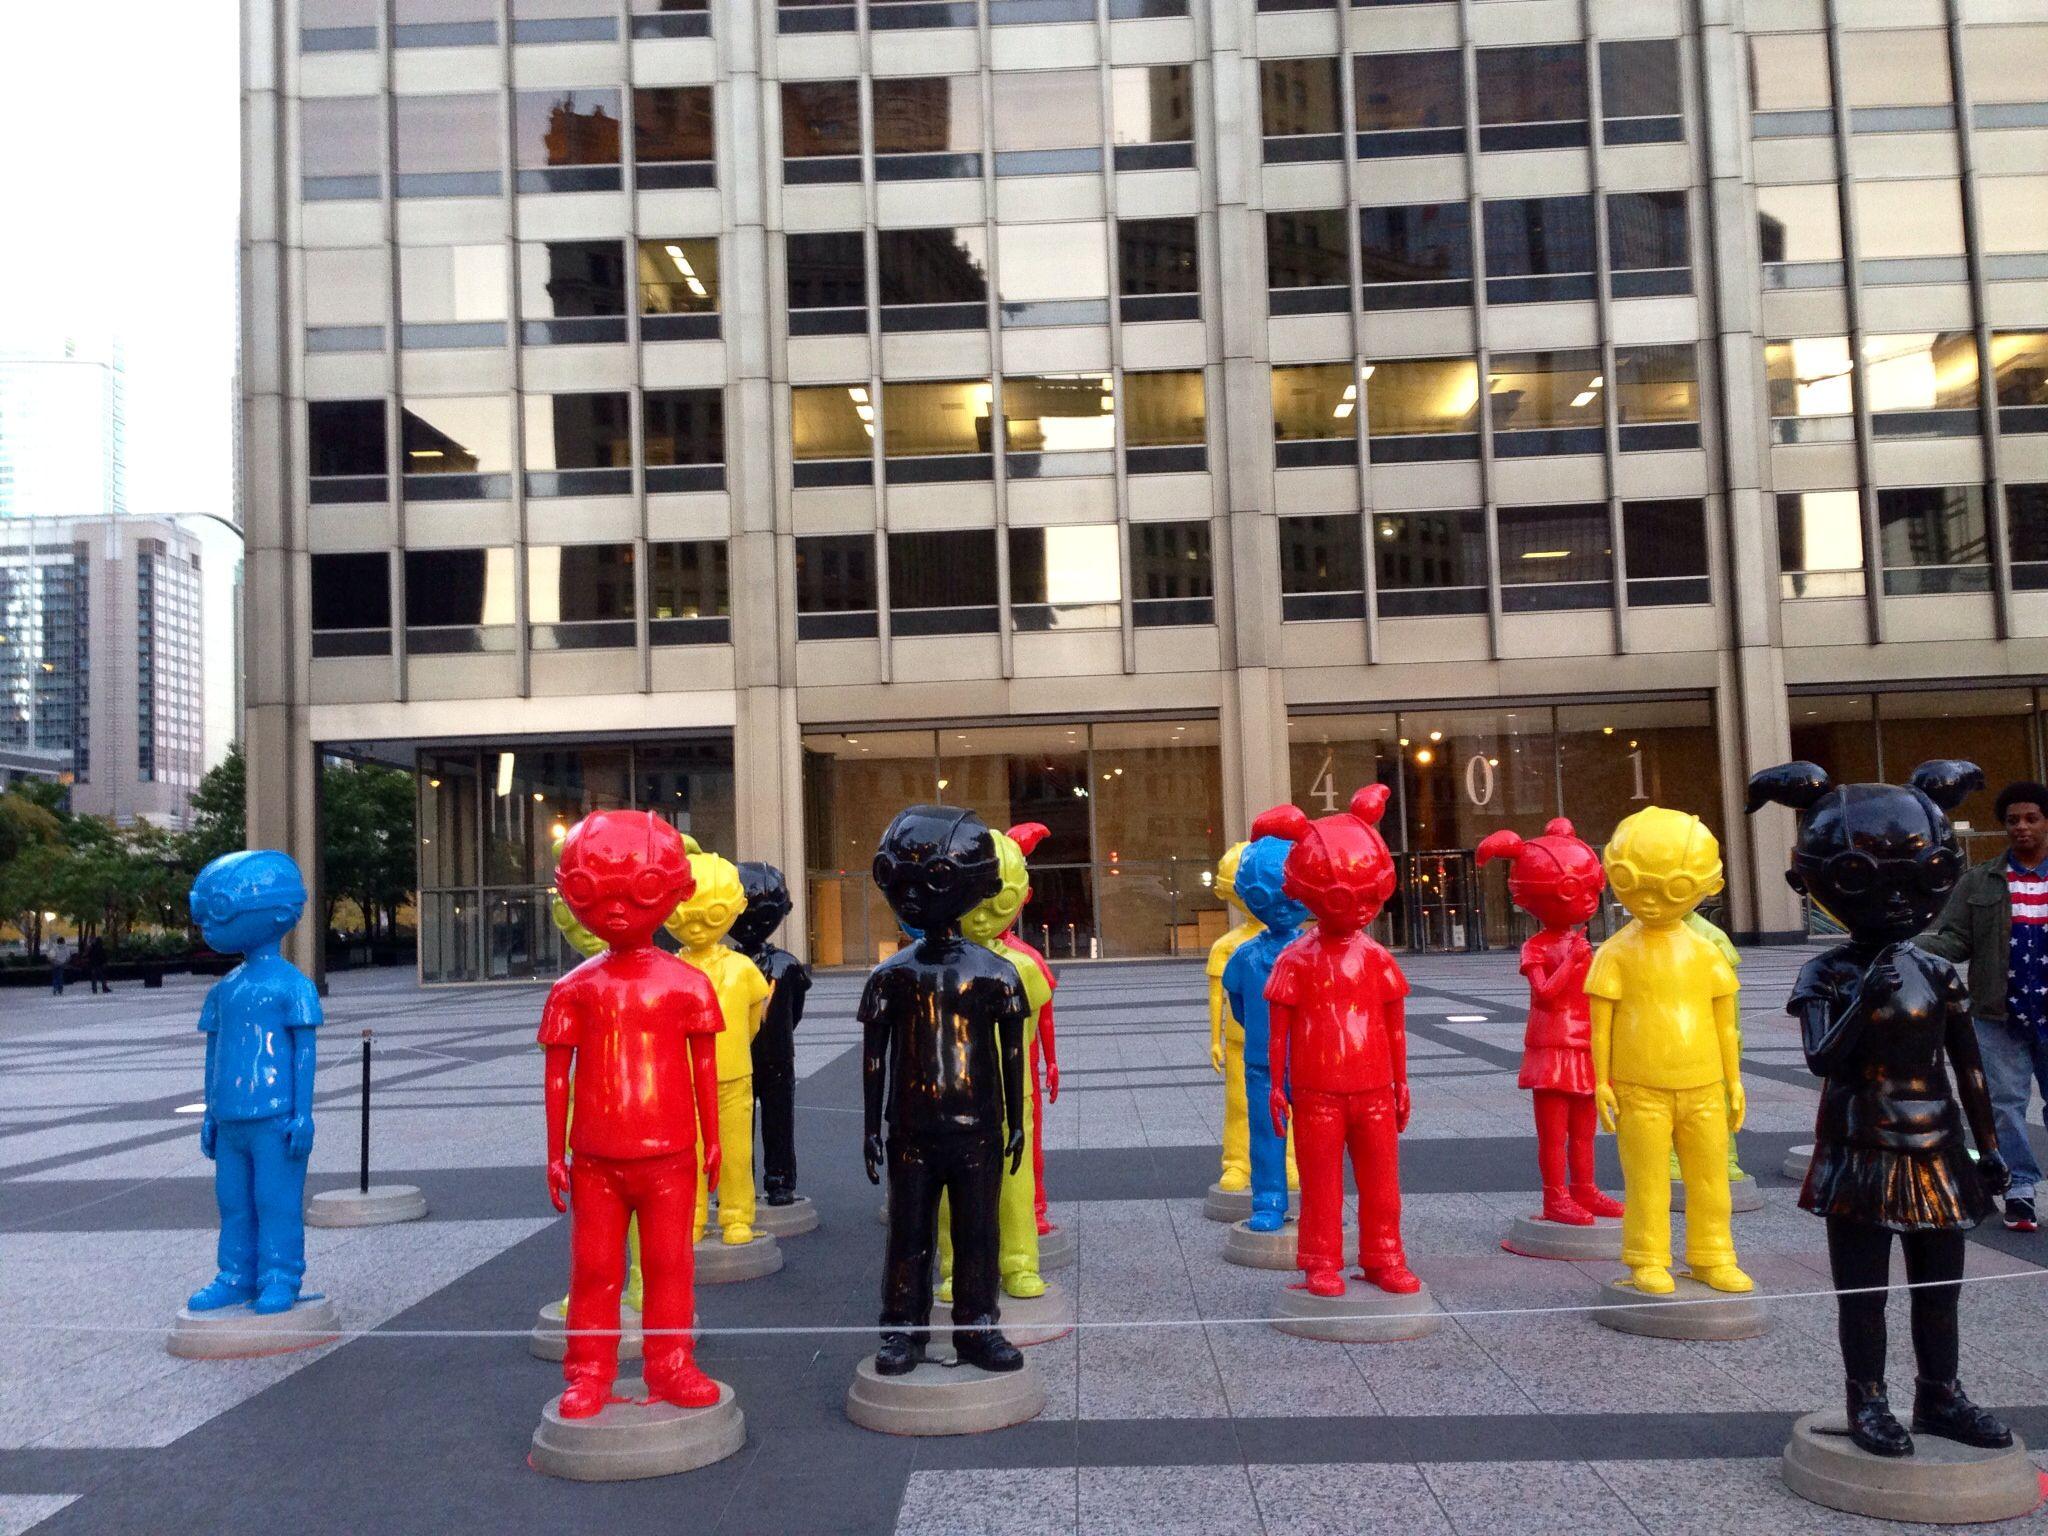 Public Art mear Chicago Tribune